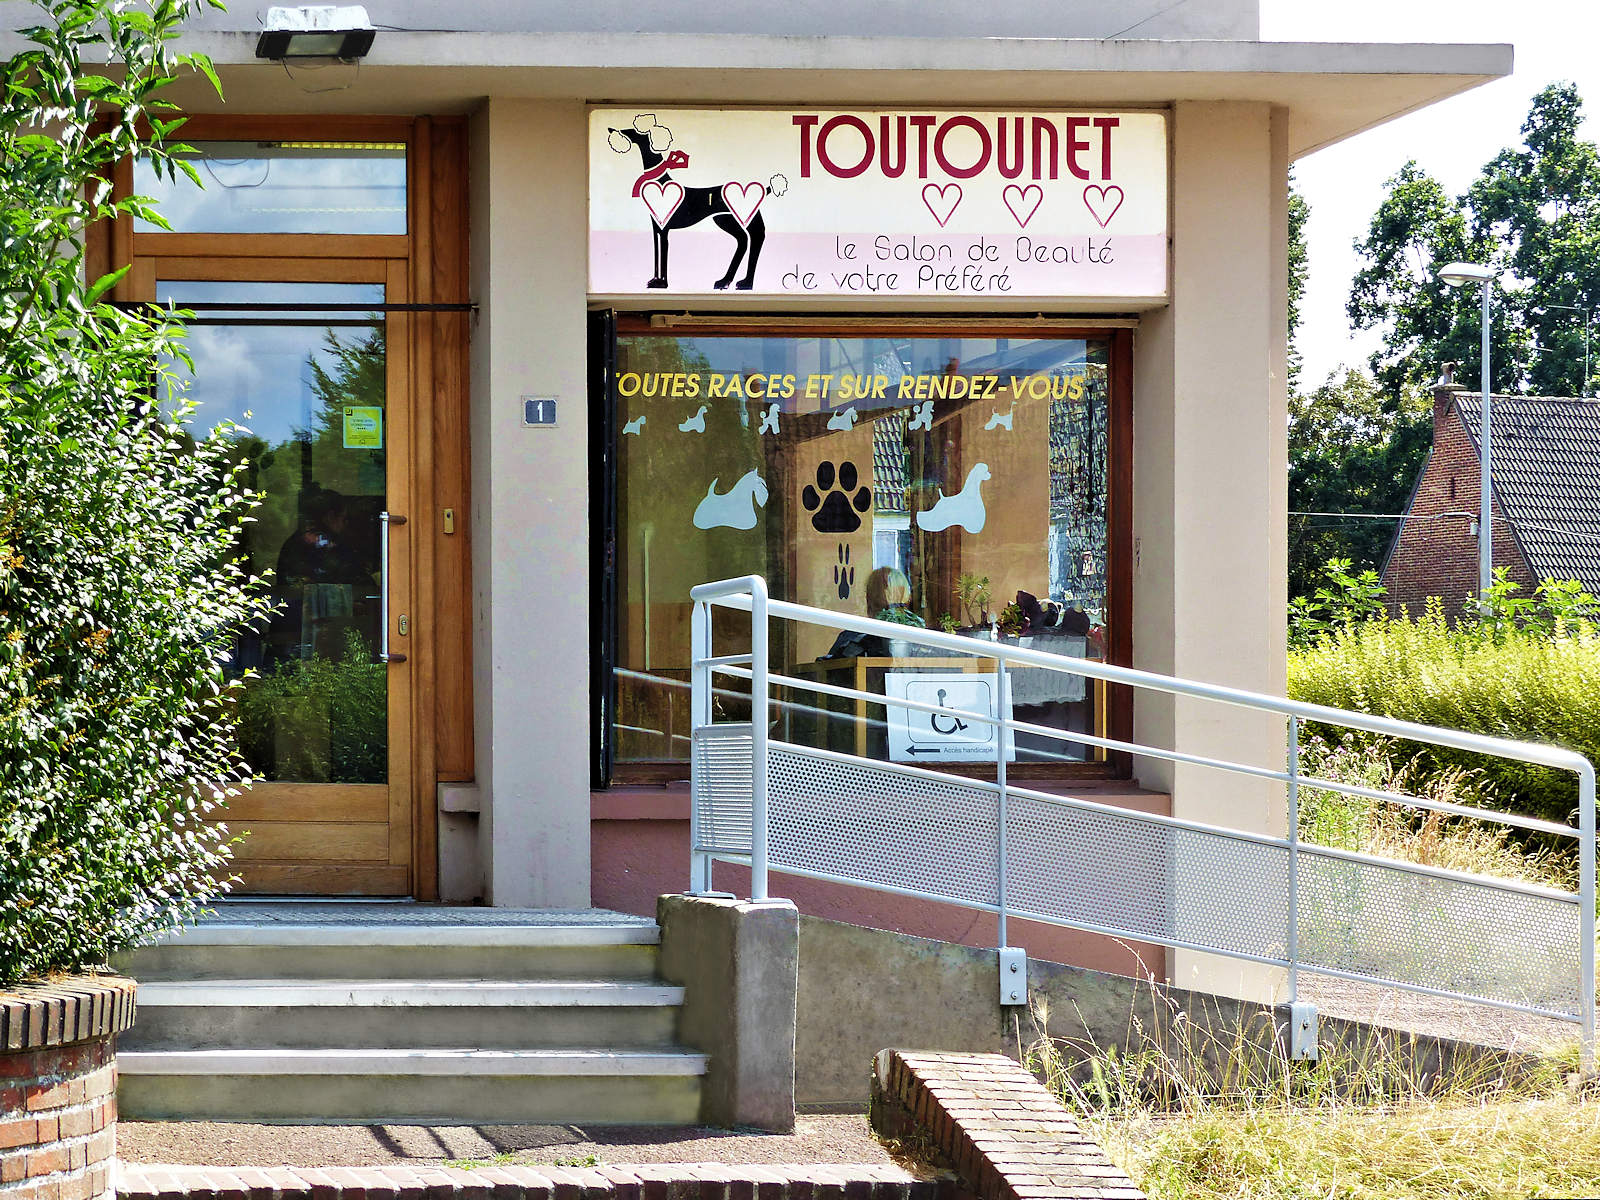 Toilettage Toutounet, Tourcoing